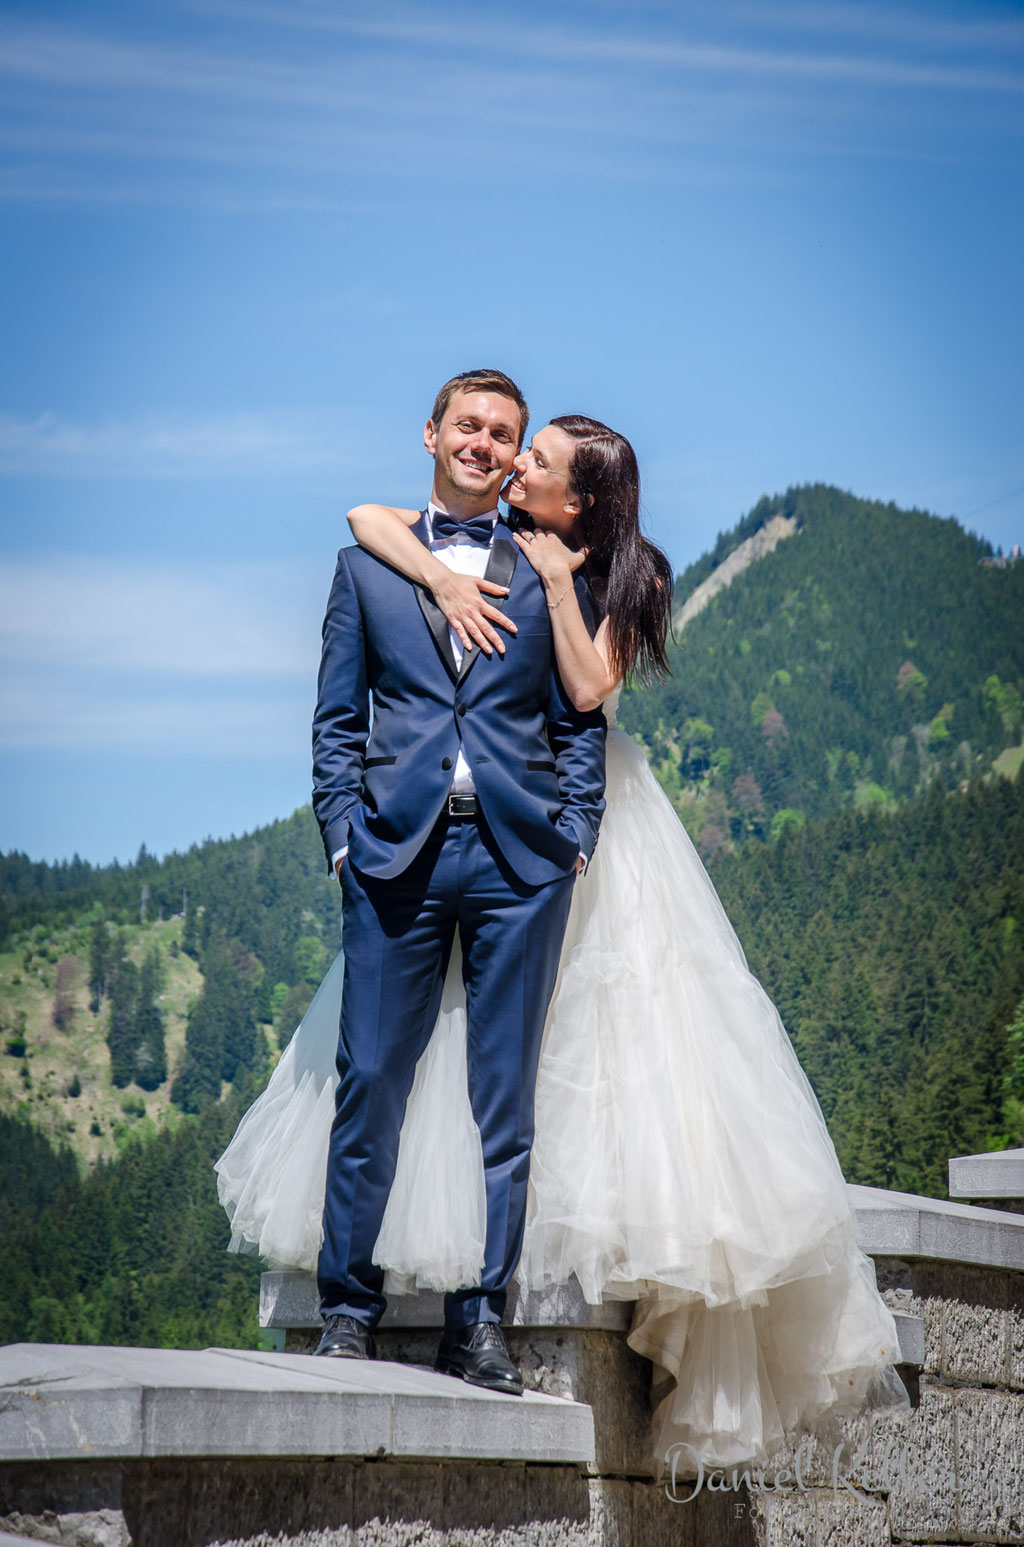 Hochzeit Schloss Neuschwanstein / Hochzeitsfotograf Daniel Keller